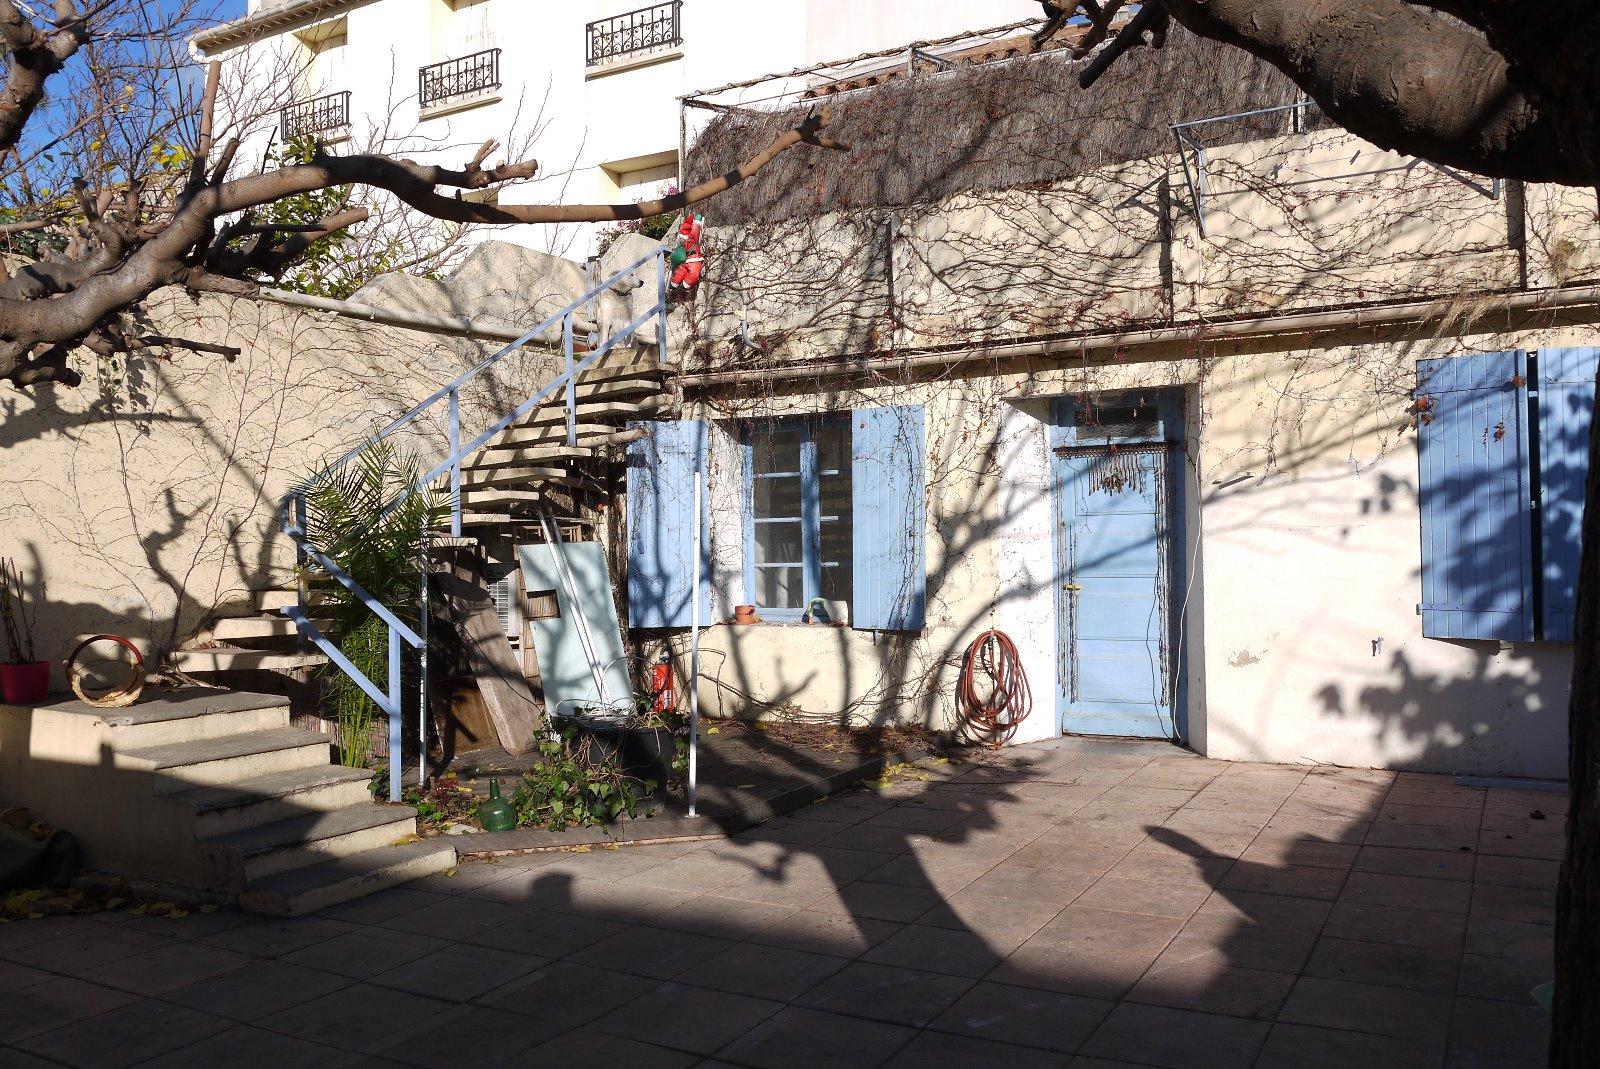 Vente maison gruissan avec l 39 agence alexandra dufour for Acheter une maison de village